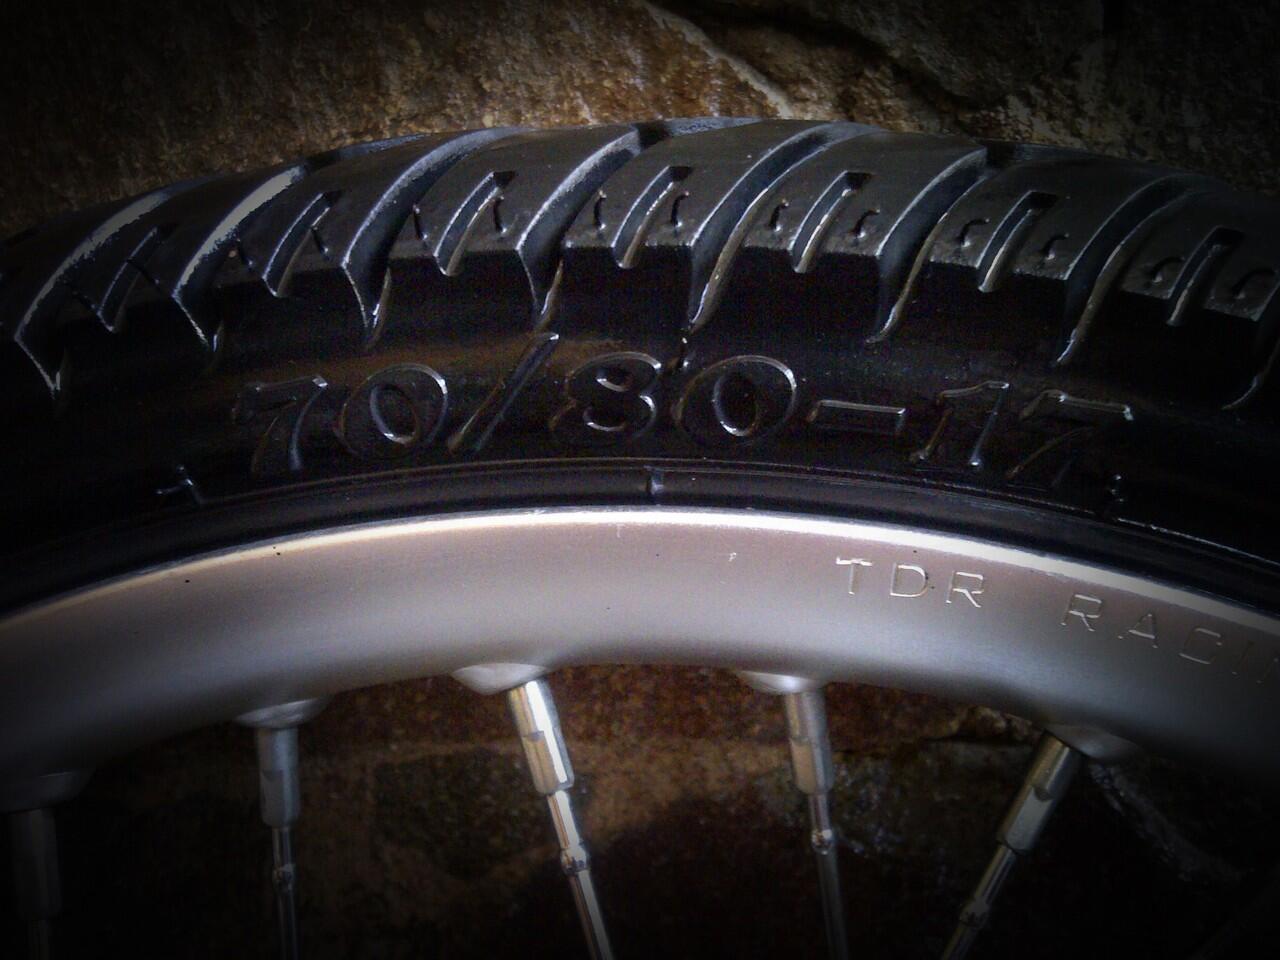 WTS Velg TDR U-Shape full set ex Honda matic